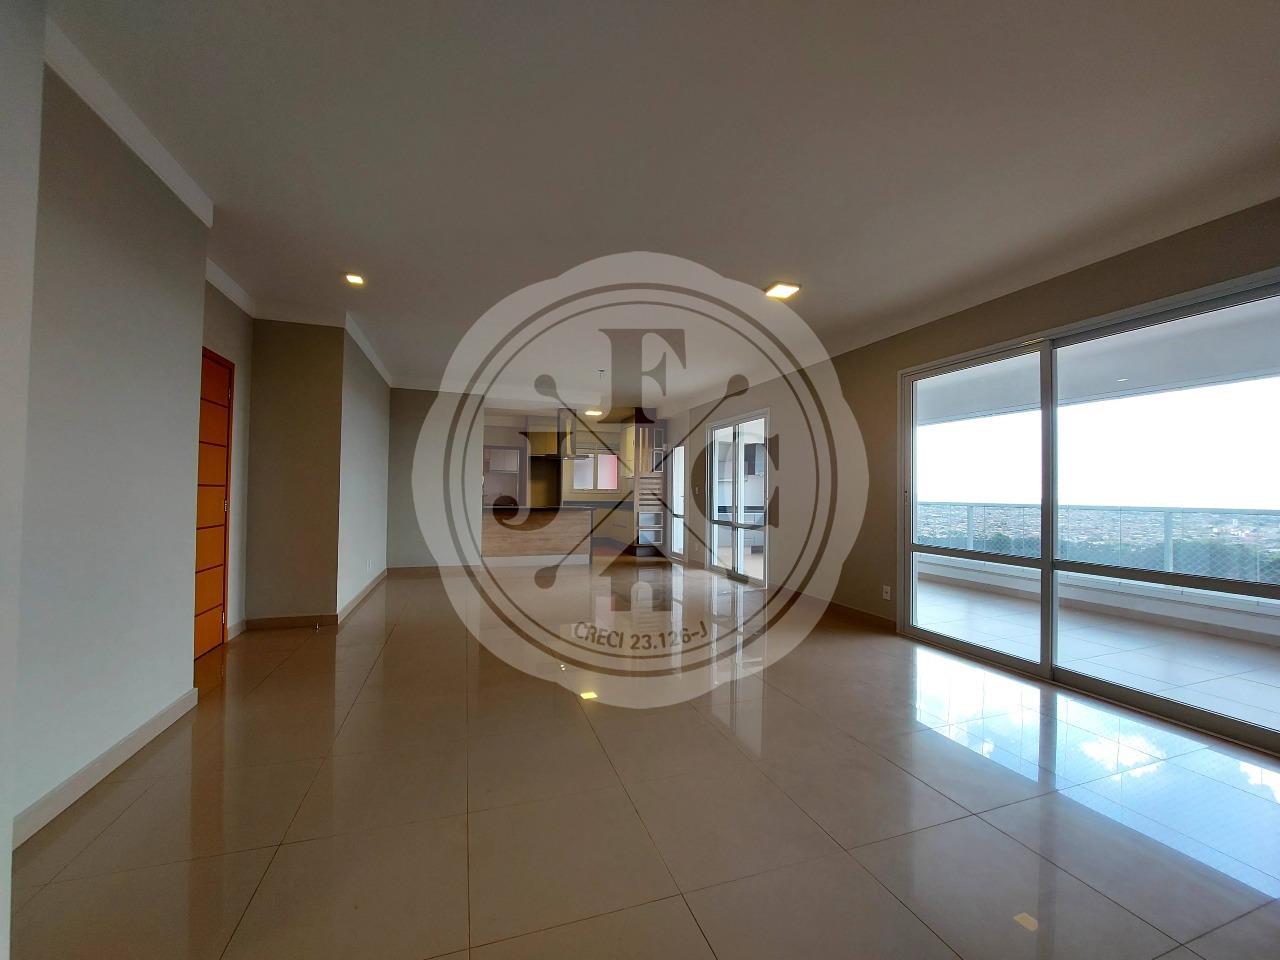 Exclusivo apartamento para locação com 3 suítes no bairro Nova Aliança.